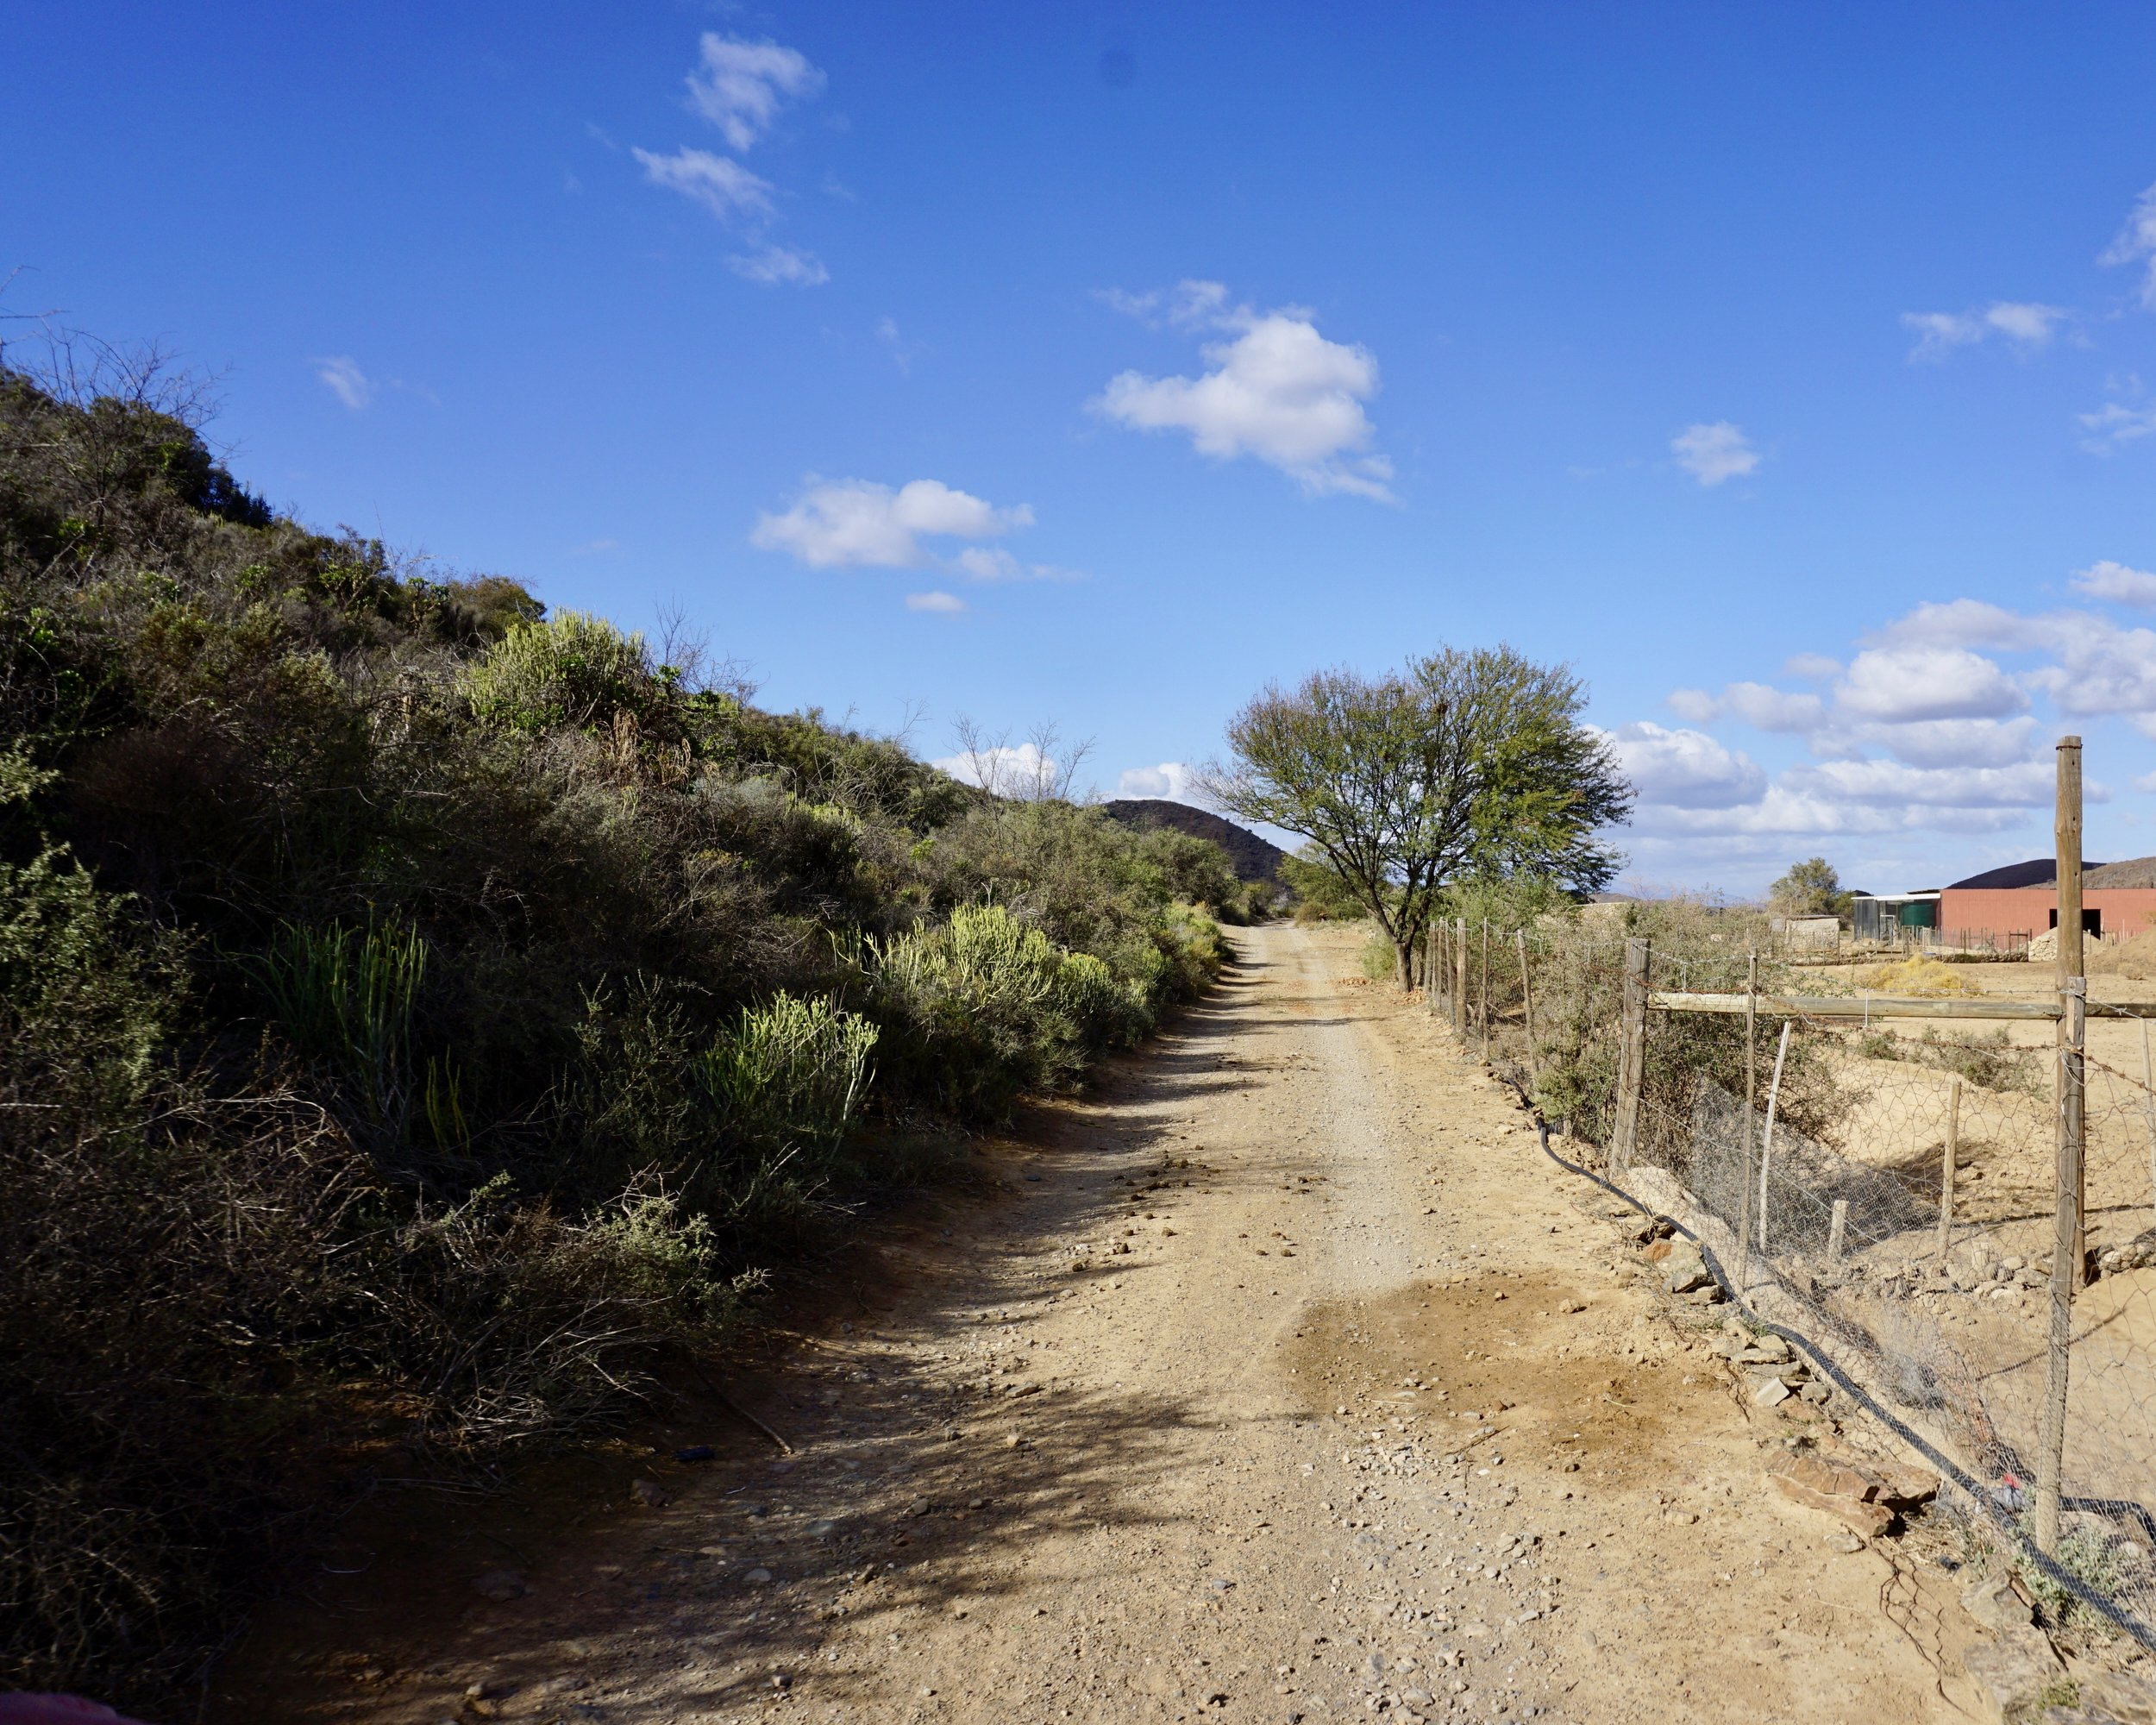 Klein Karoo: Road to Andrew's Farm